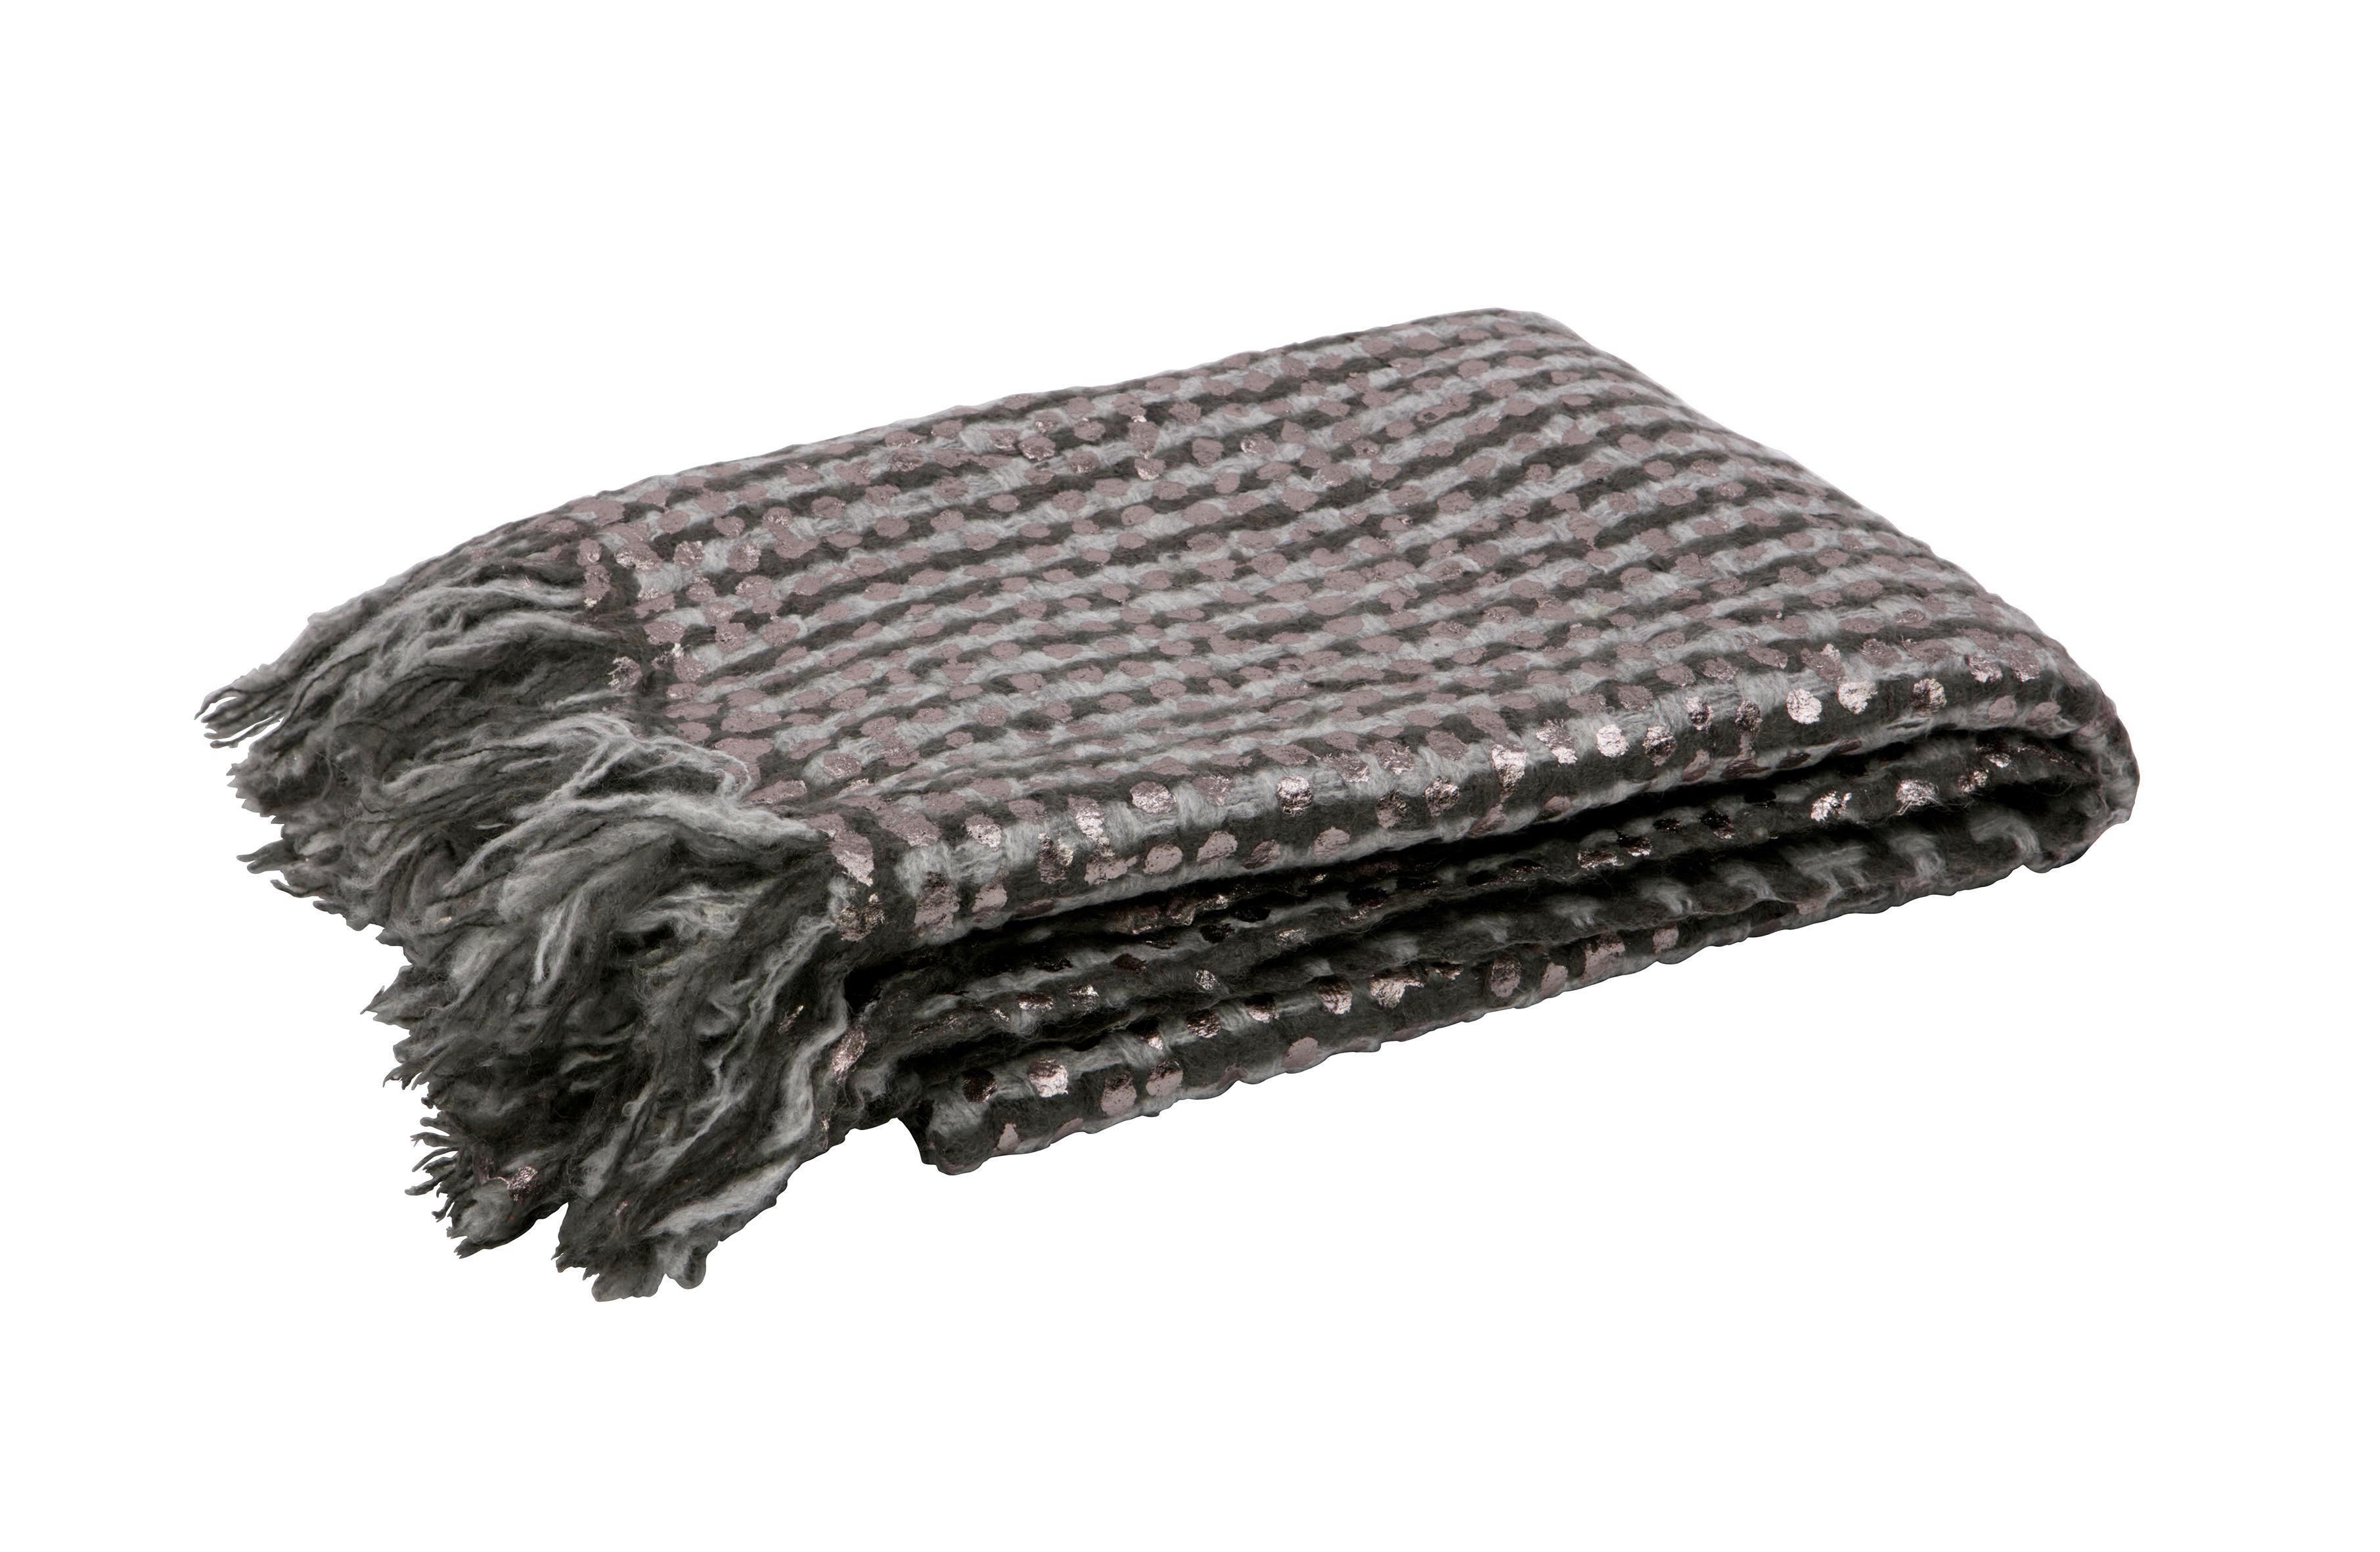 WOHNDECKE 130/170 cm Grau - Grau, Textil (130/170cm)